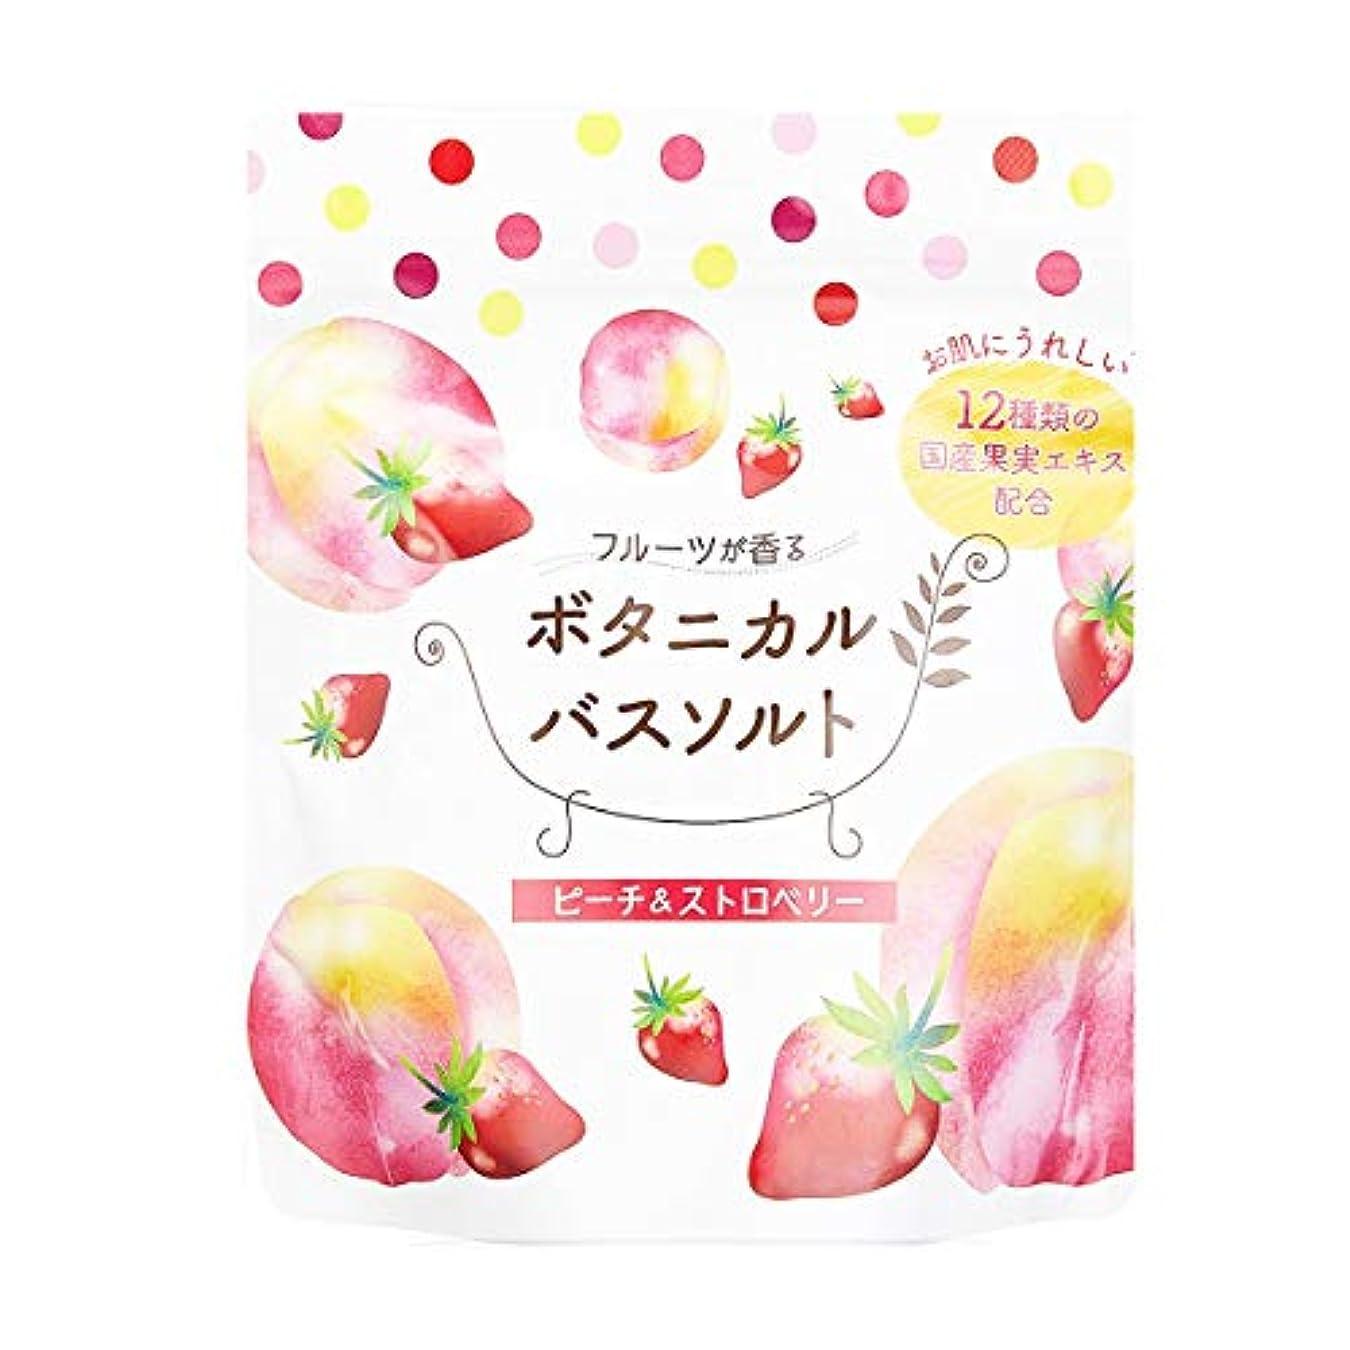 動的苦しむ雪だるまを作る松田医薬品 フルーツが香るボタニカルバスソルト ピーチ&ストロベリー 30g